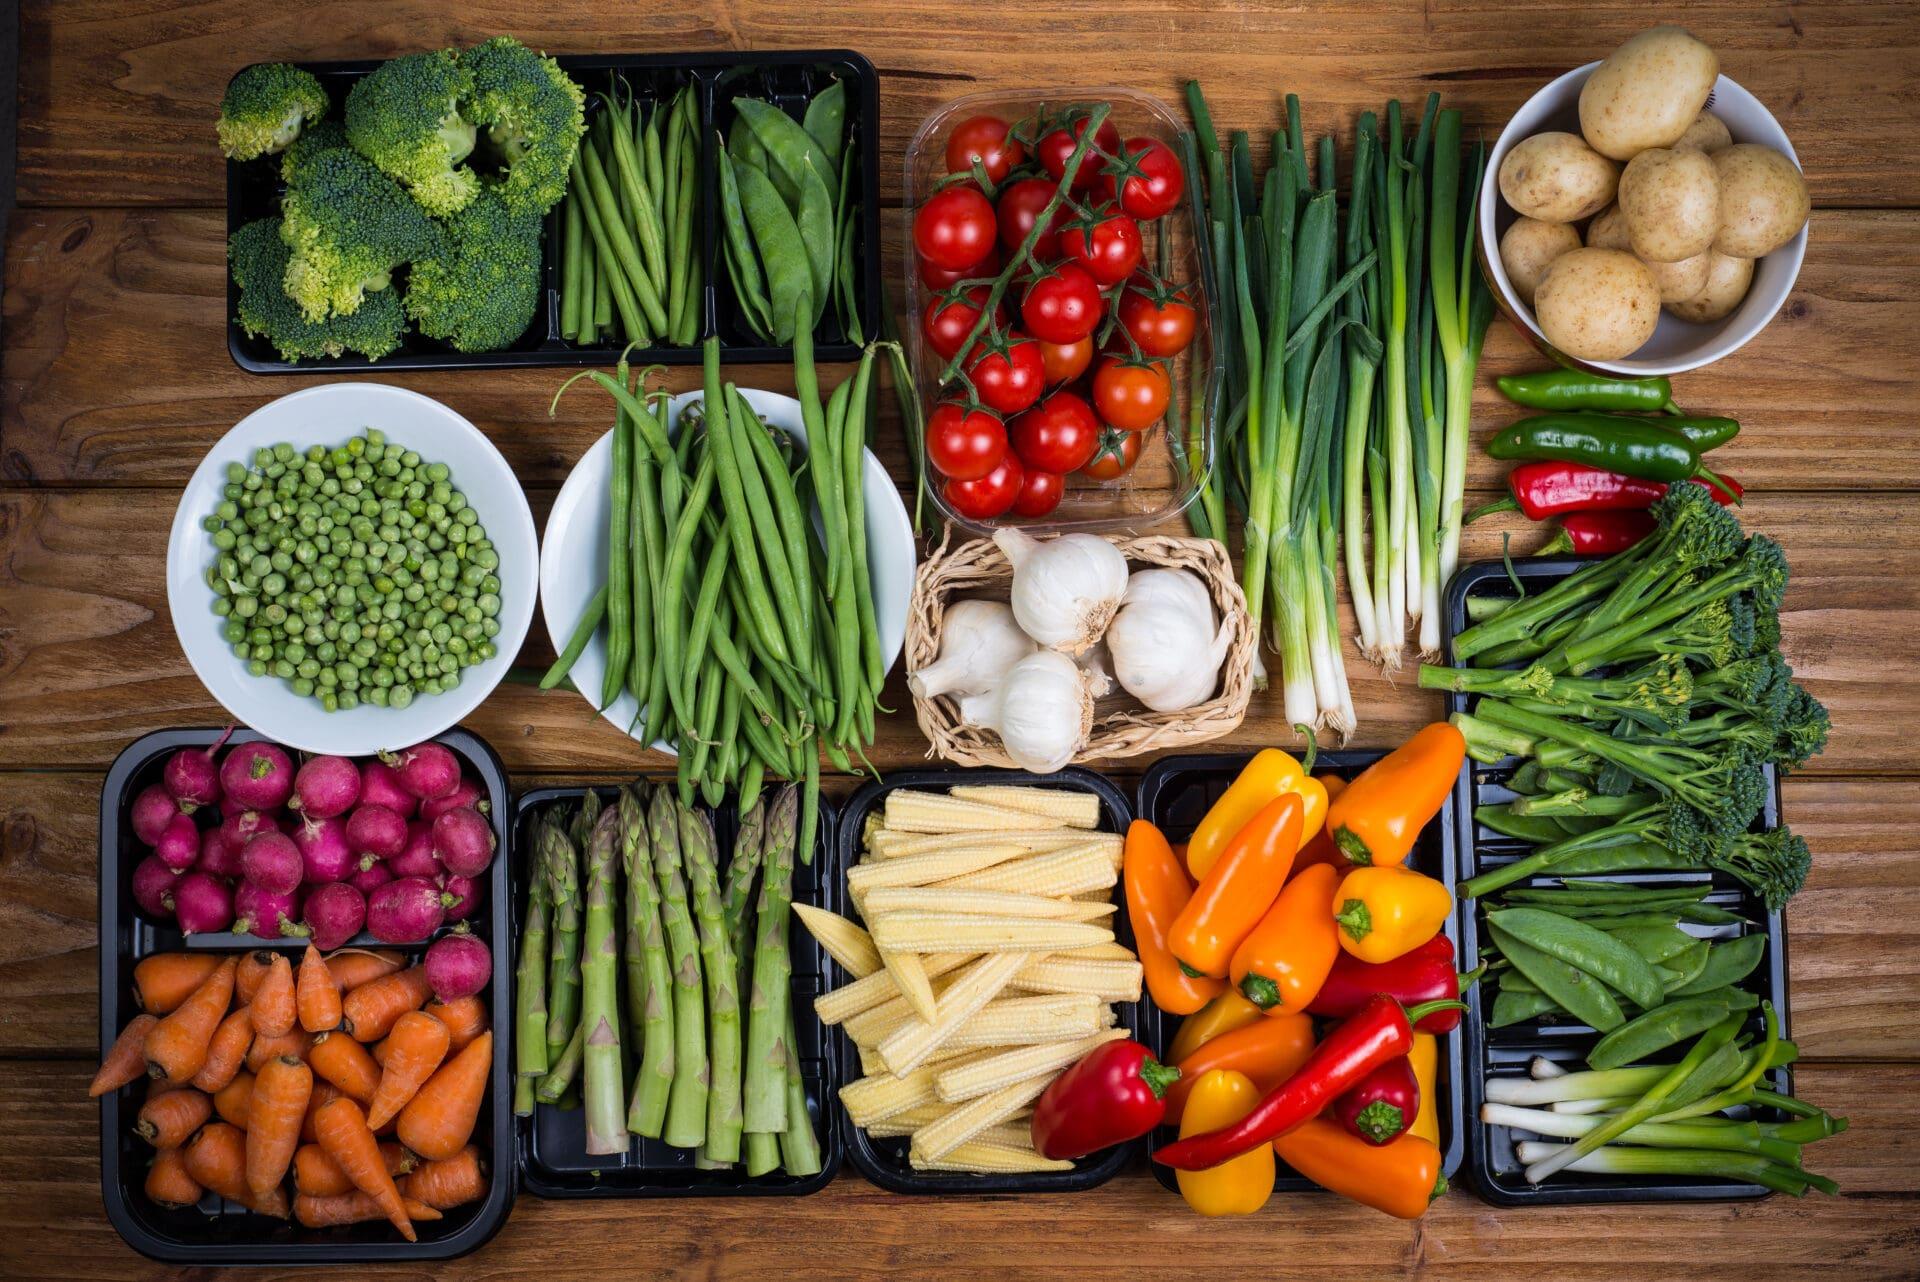 Estas son 10 de las verduras más saludables del planeta según expertos